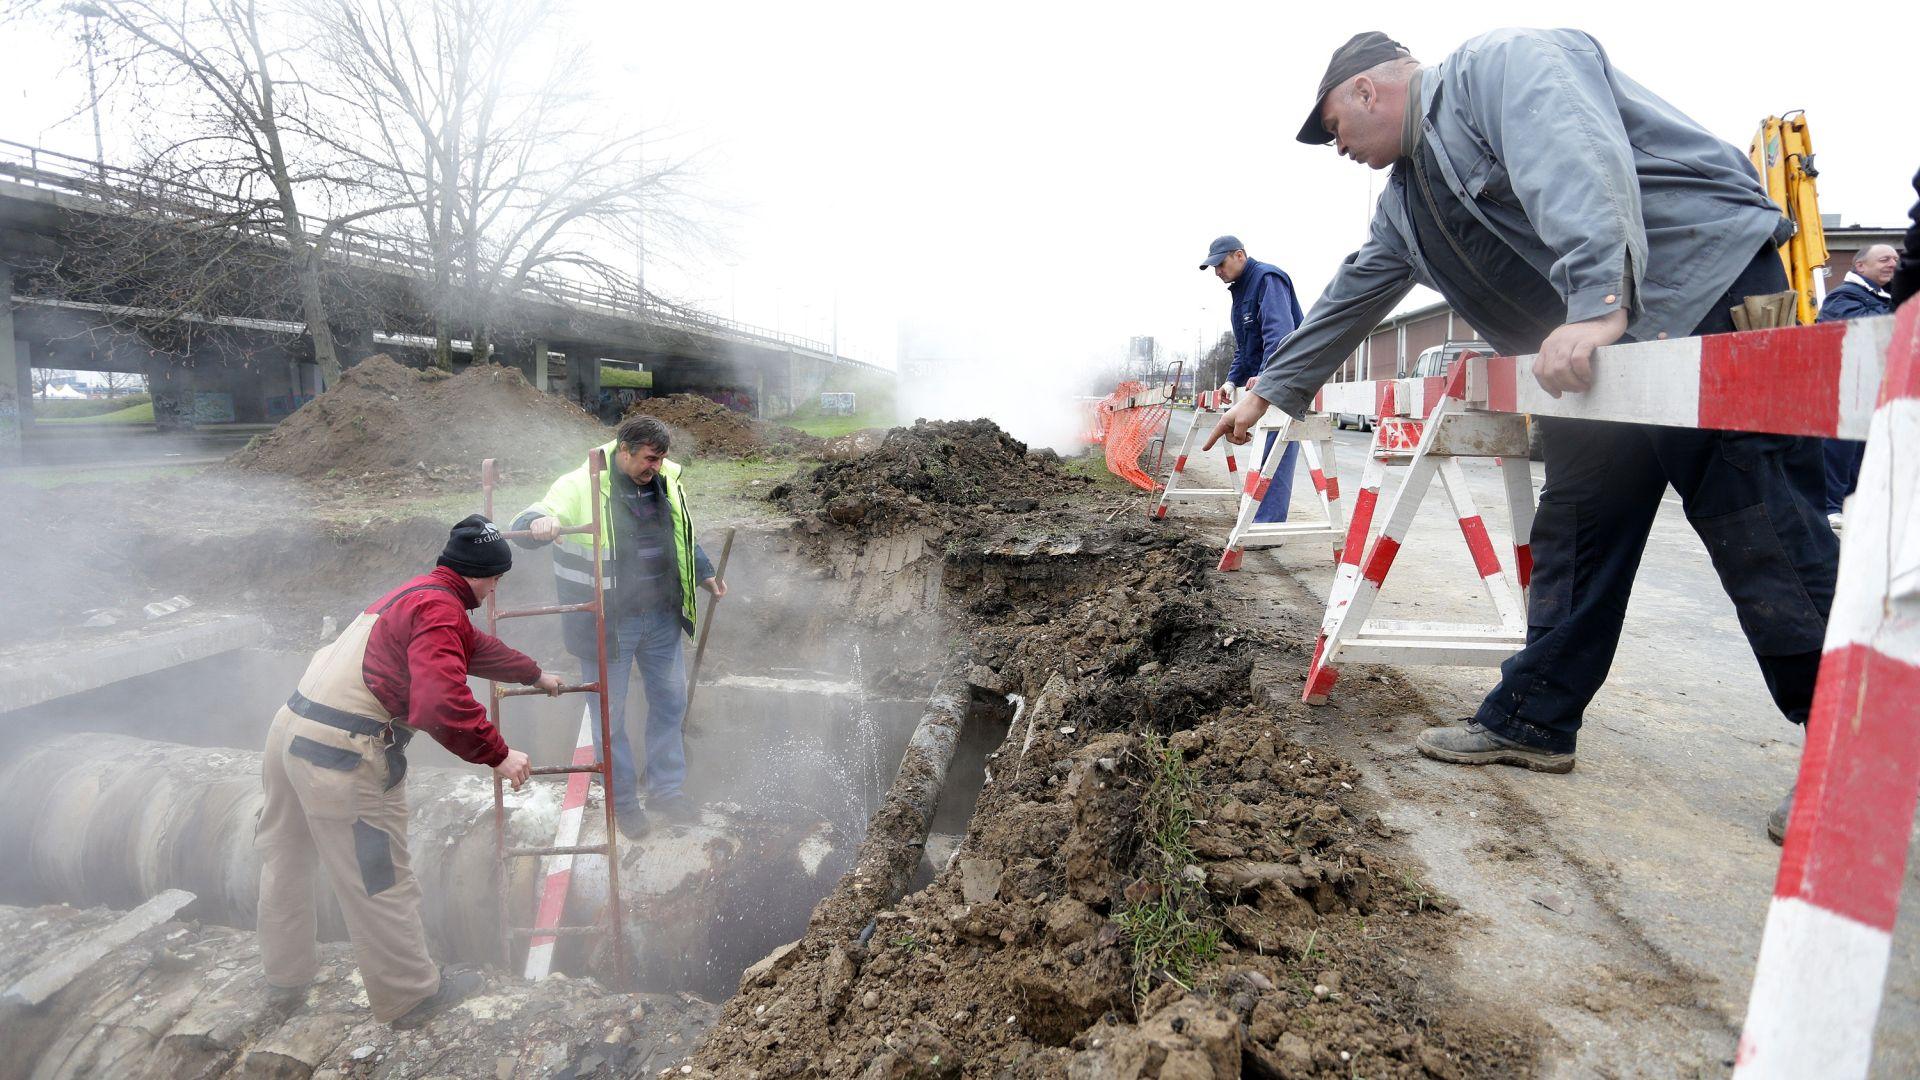 Zbog puknuća vrelovodne cijevi HEP-Toplinarstva u Zagrebu potrošači bez tople vode